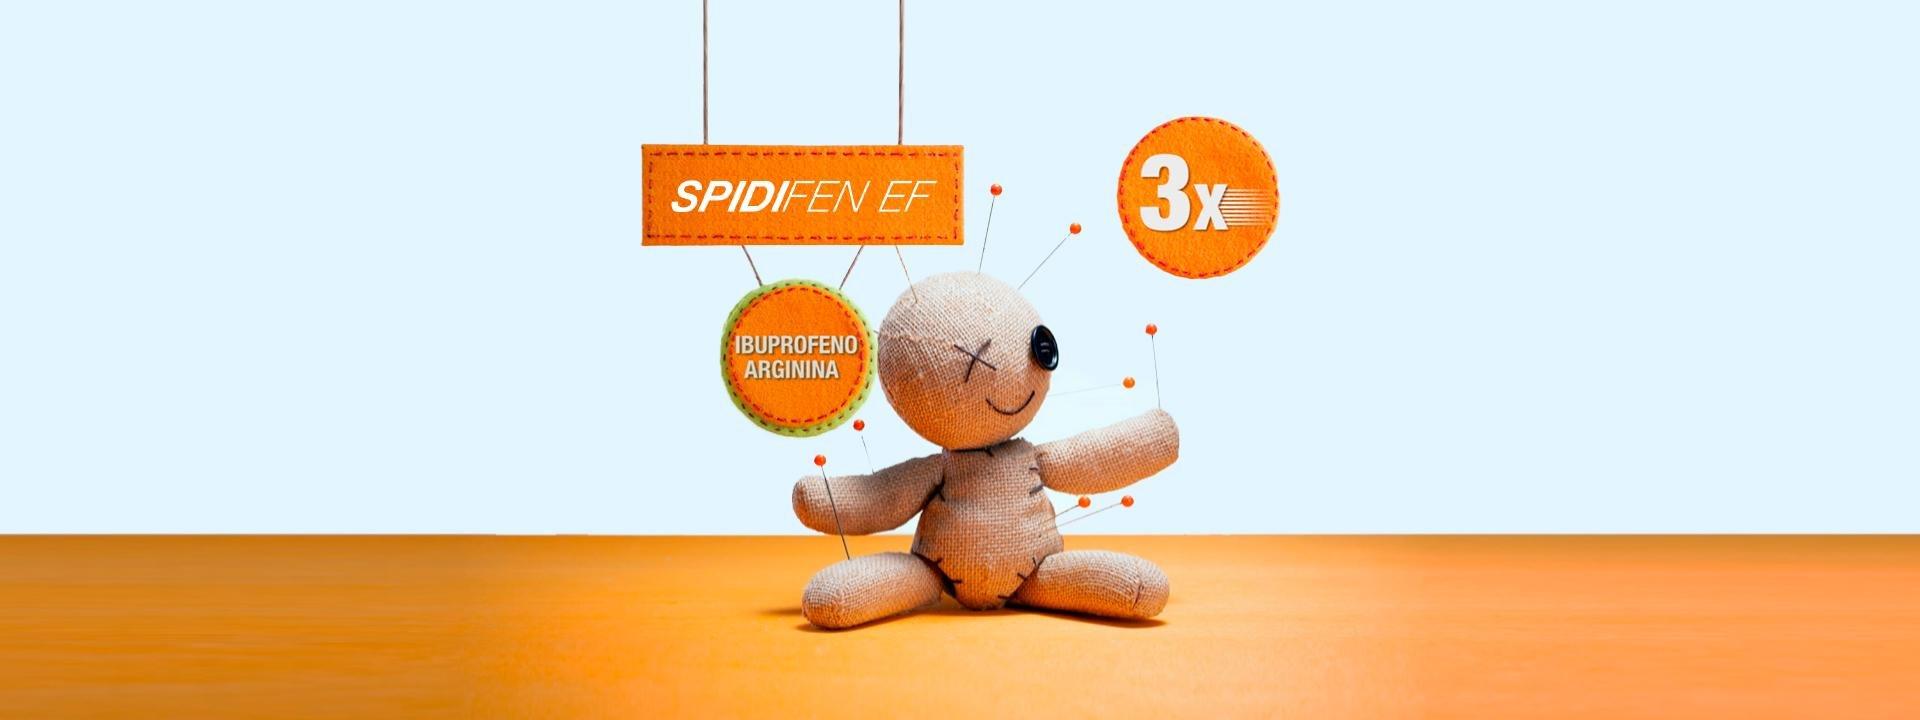 A absorção de Spidifen EF é 3 vezes mais rápida do que a do Ibuprofeno tradicional